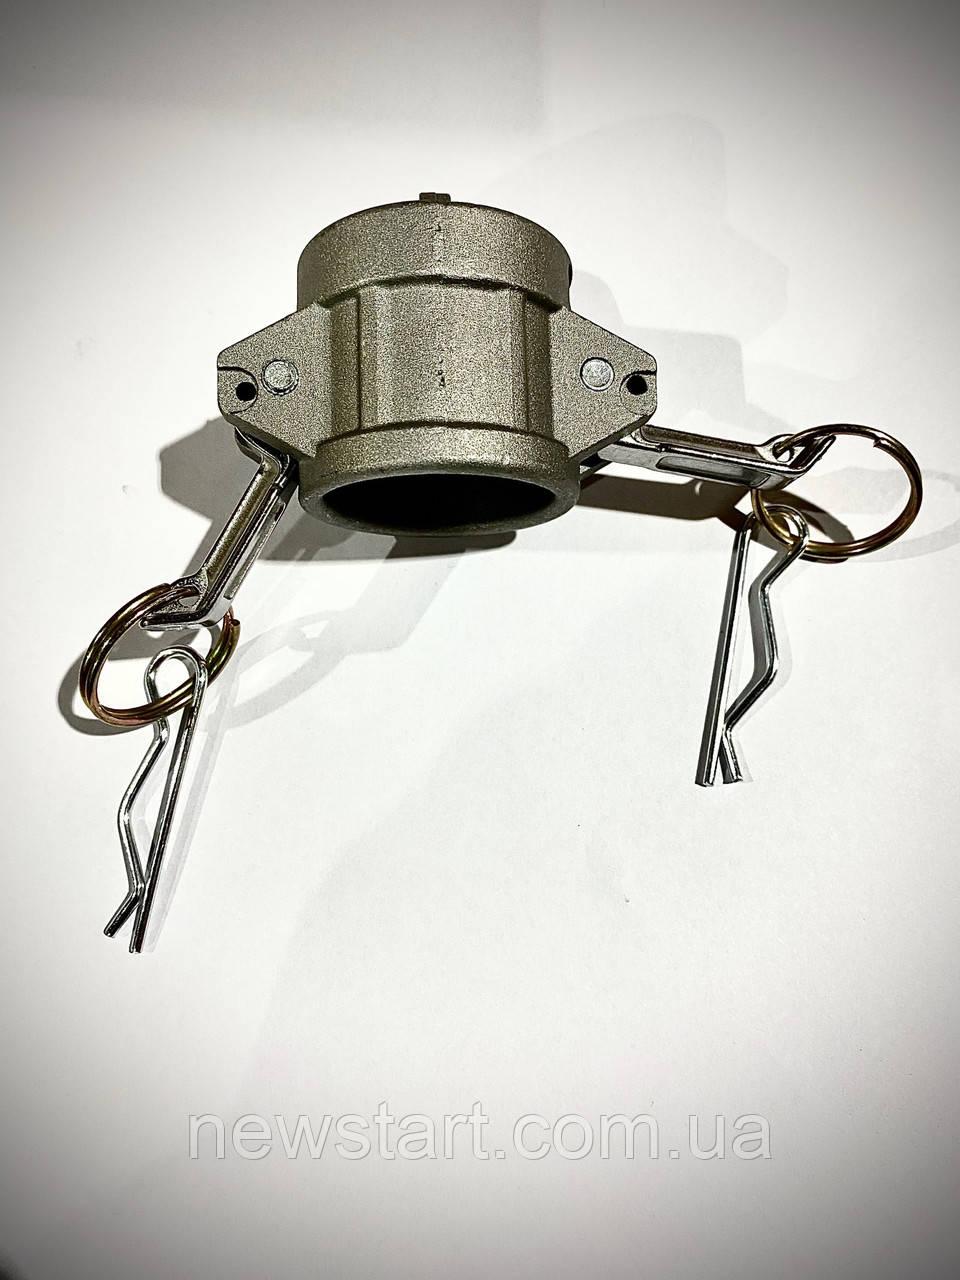 Камлок заглушка (camlock) алюміній тип DС